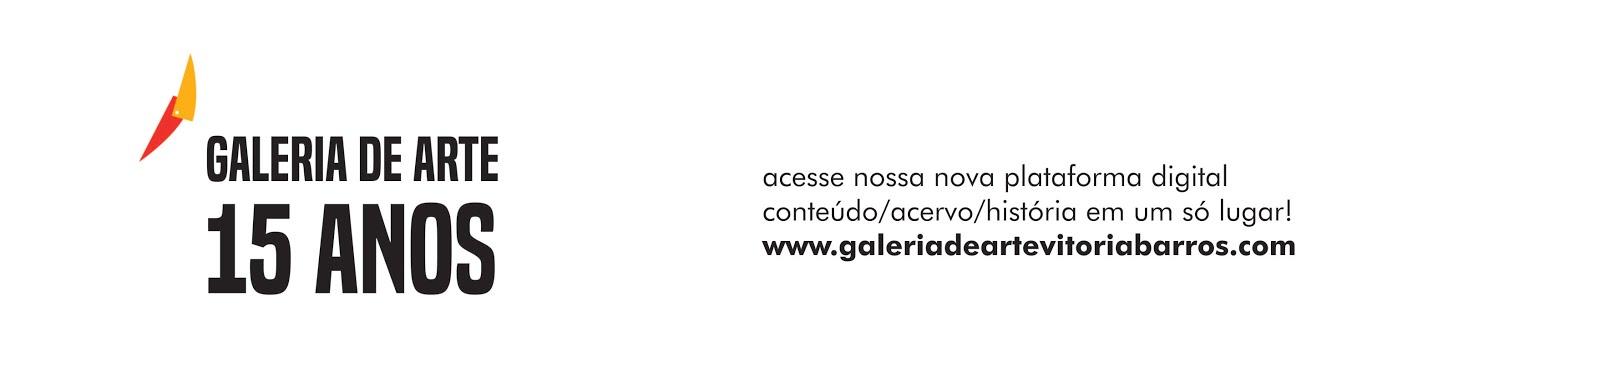 GALERIA DE ARTE VITÓRIA BARROS